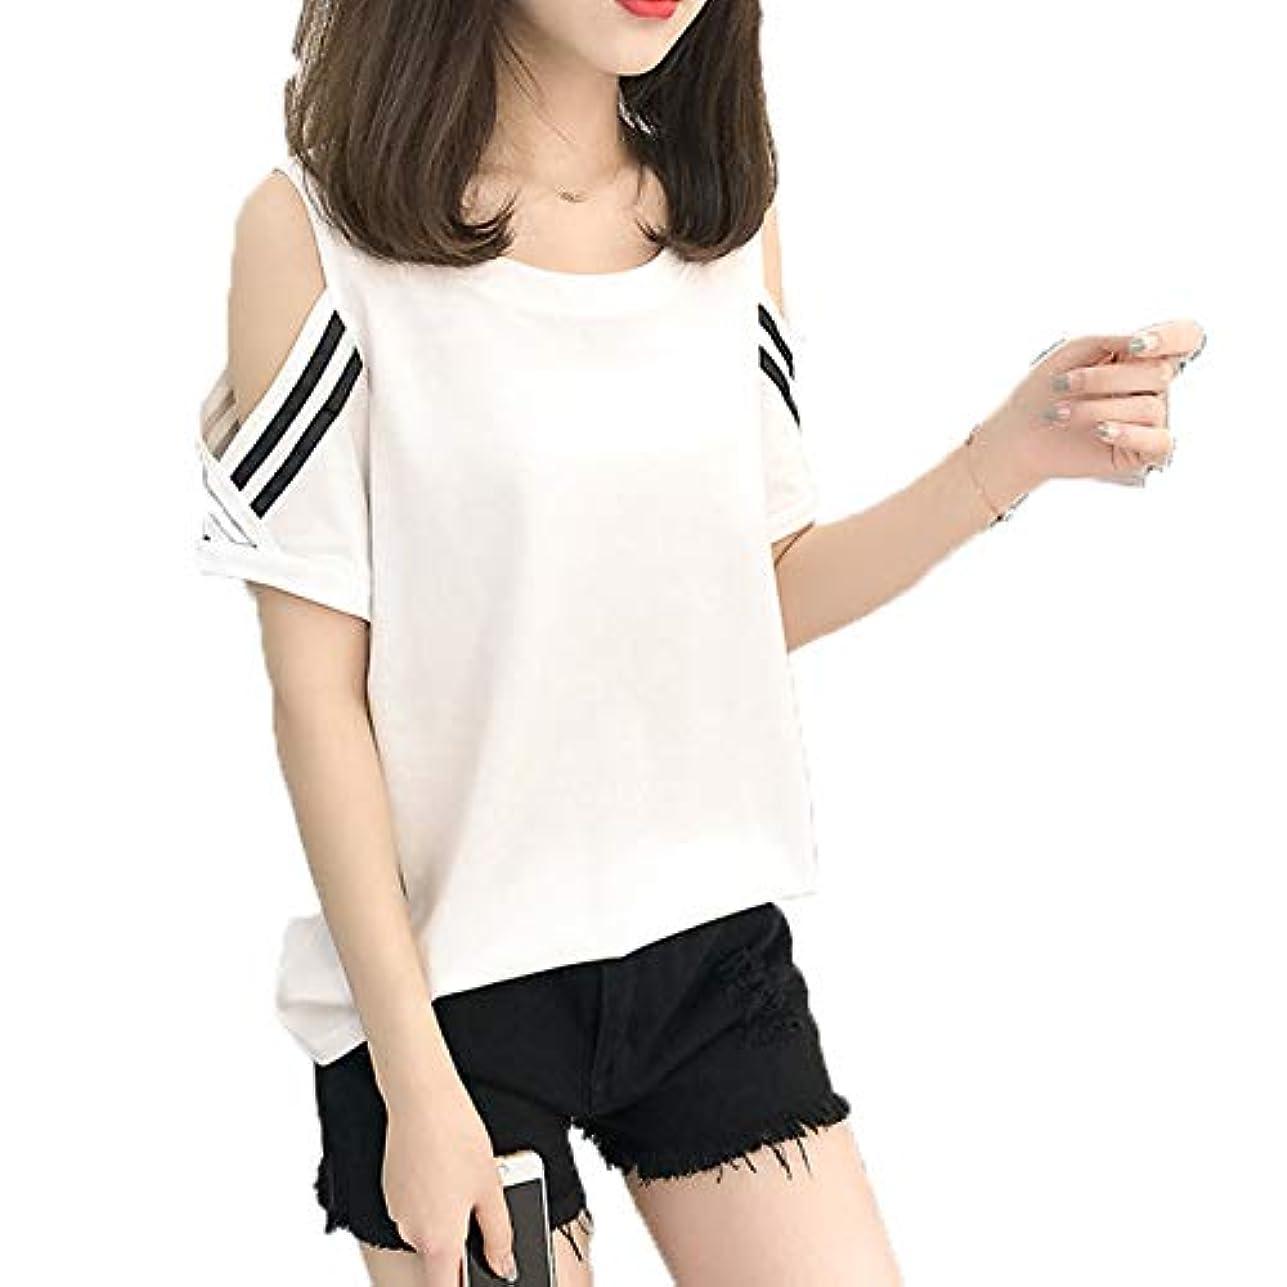 敬戻すバック[ココチエ] Tシャツ ライン プルオーバー レディース 肩出し 半袖 かっこいい かわいい おしゃれ レッド イエロー ホワイト